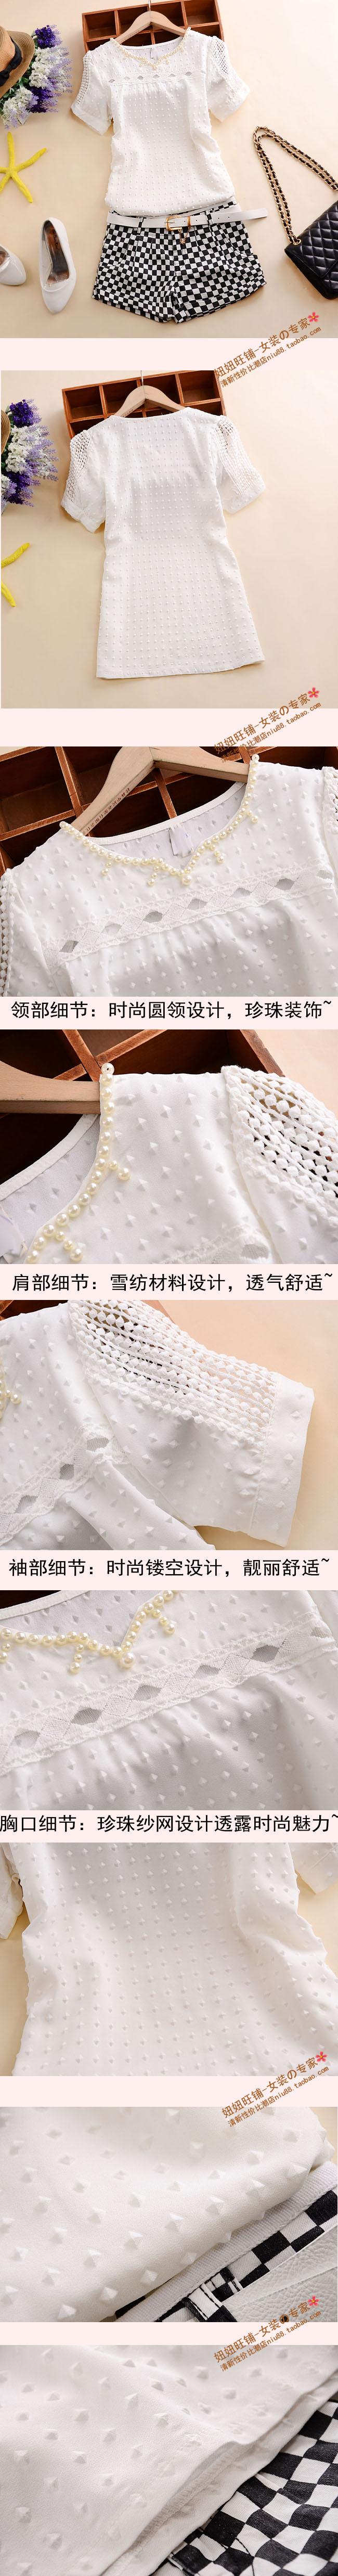 http://item.taobao.com/item.htm?spm=a1z10.3.w4002-3454526375.59.Kfqx9b&id=38850887934